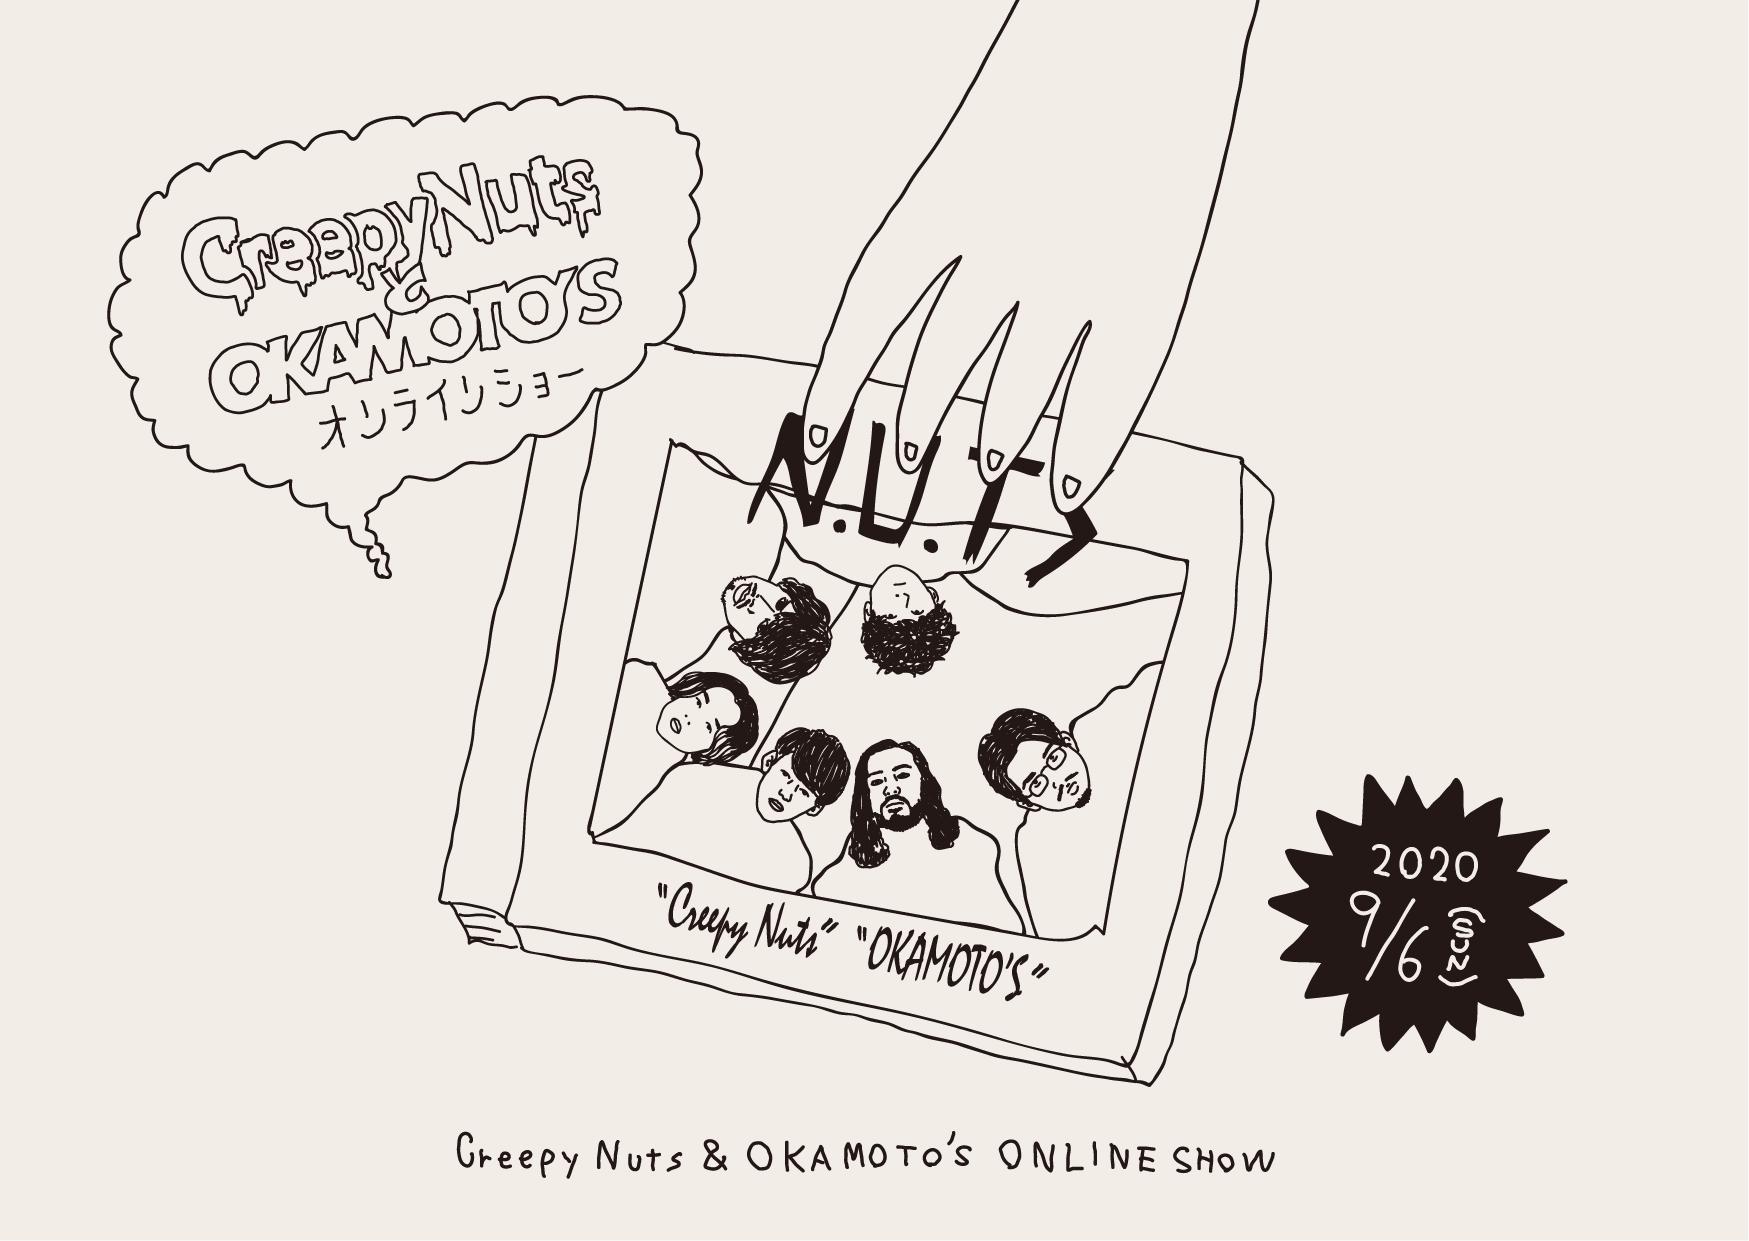 Creepy NutsとOKAMOTO'S オンラインショー | Creepy Nuts OKAMOTO'S